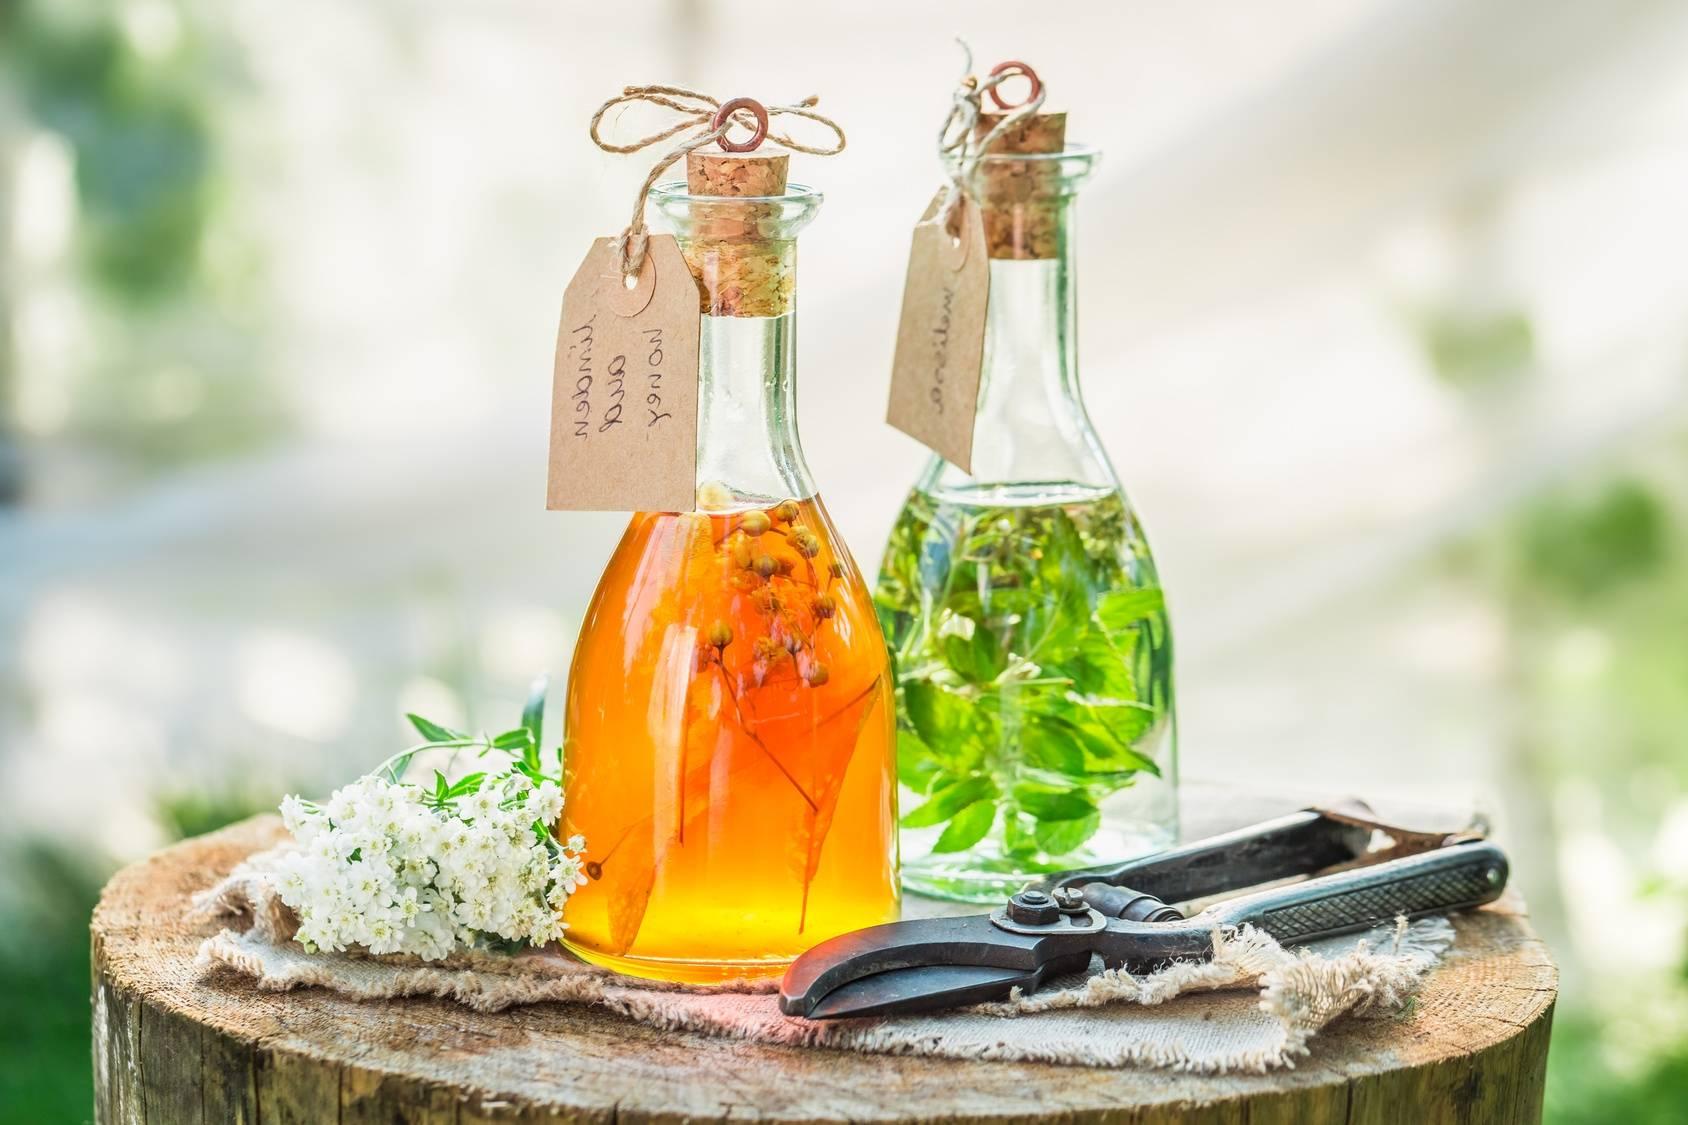 Nalewki lecznicze i syropy - naturalne antybiotyki z roślin.